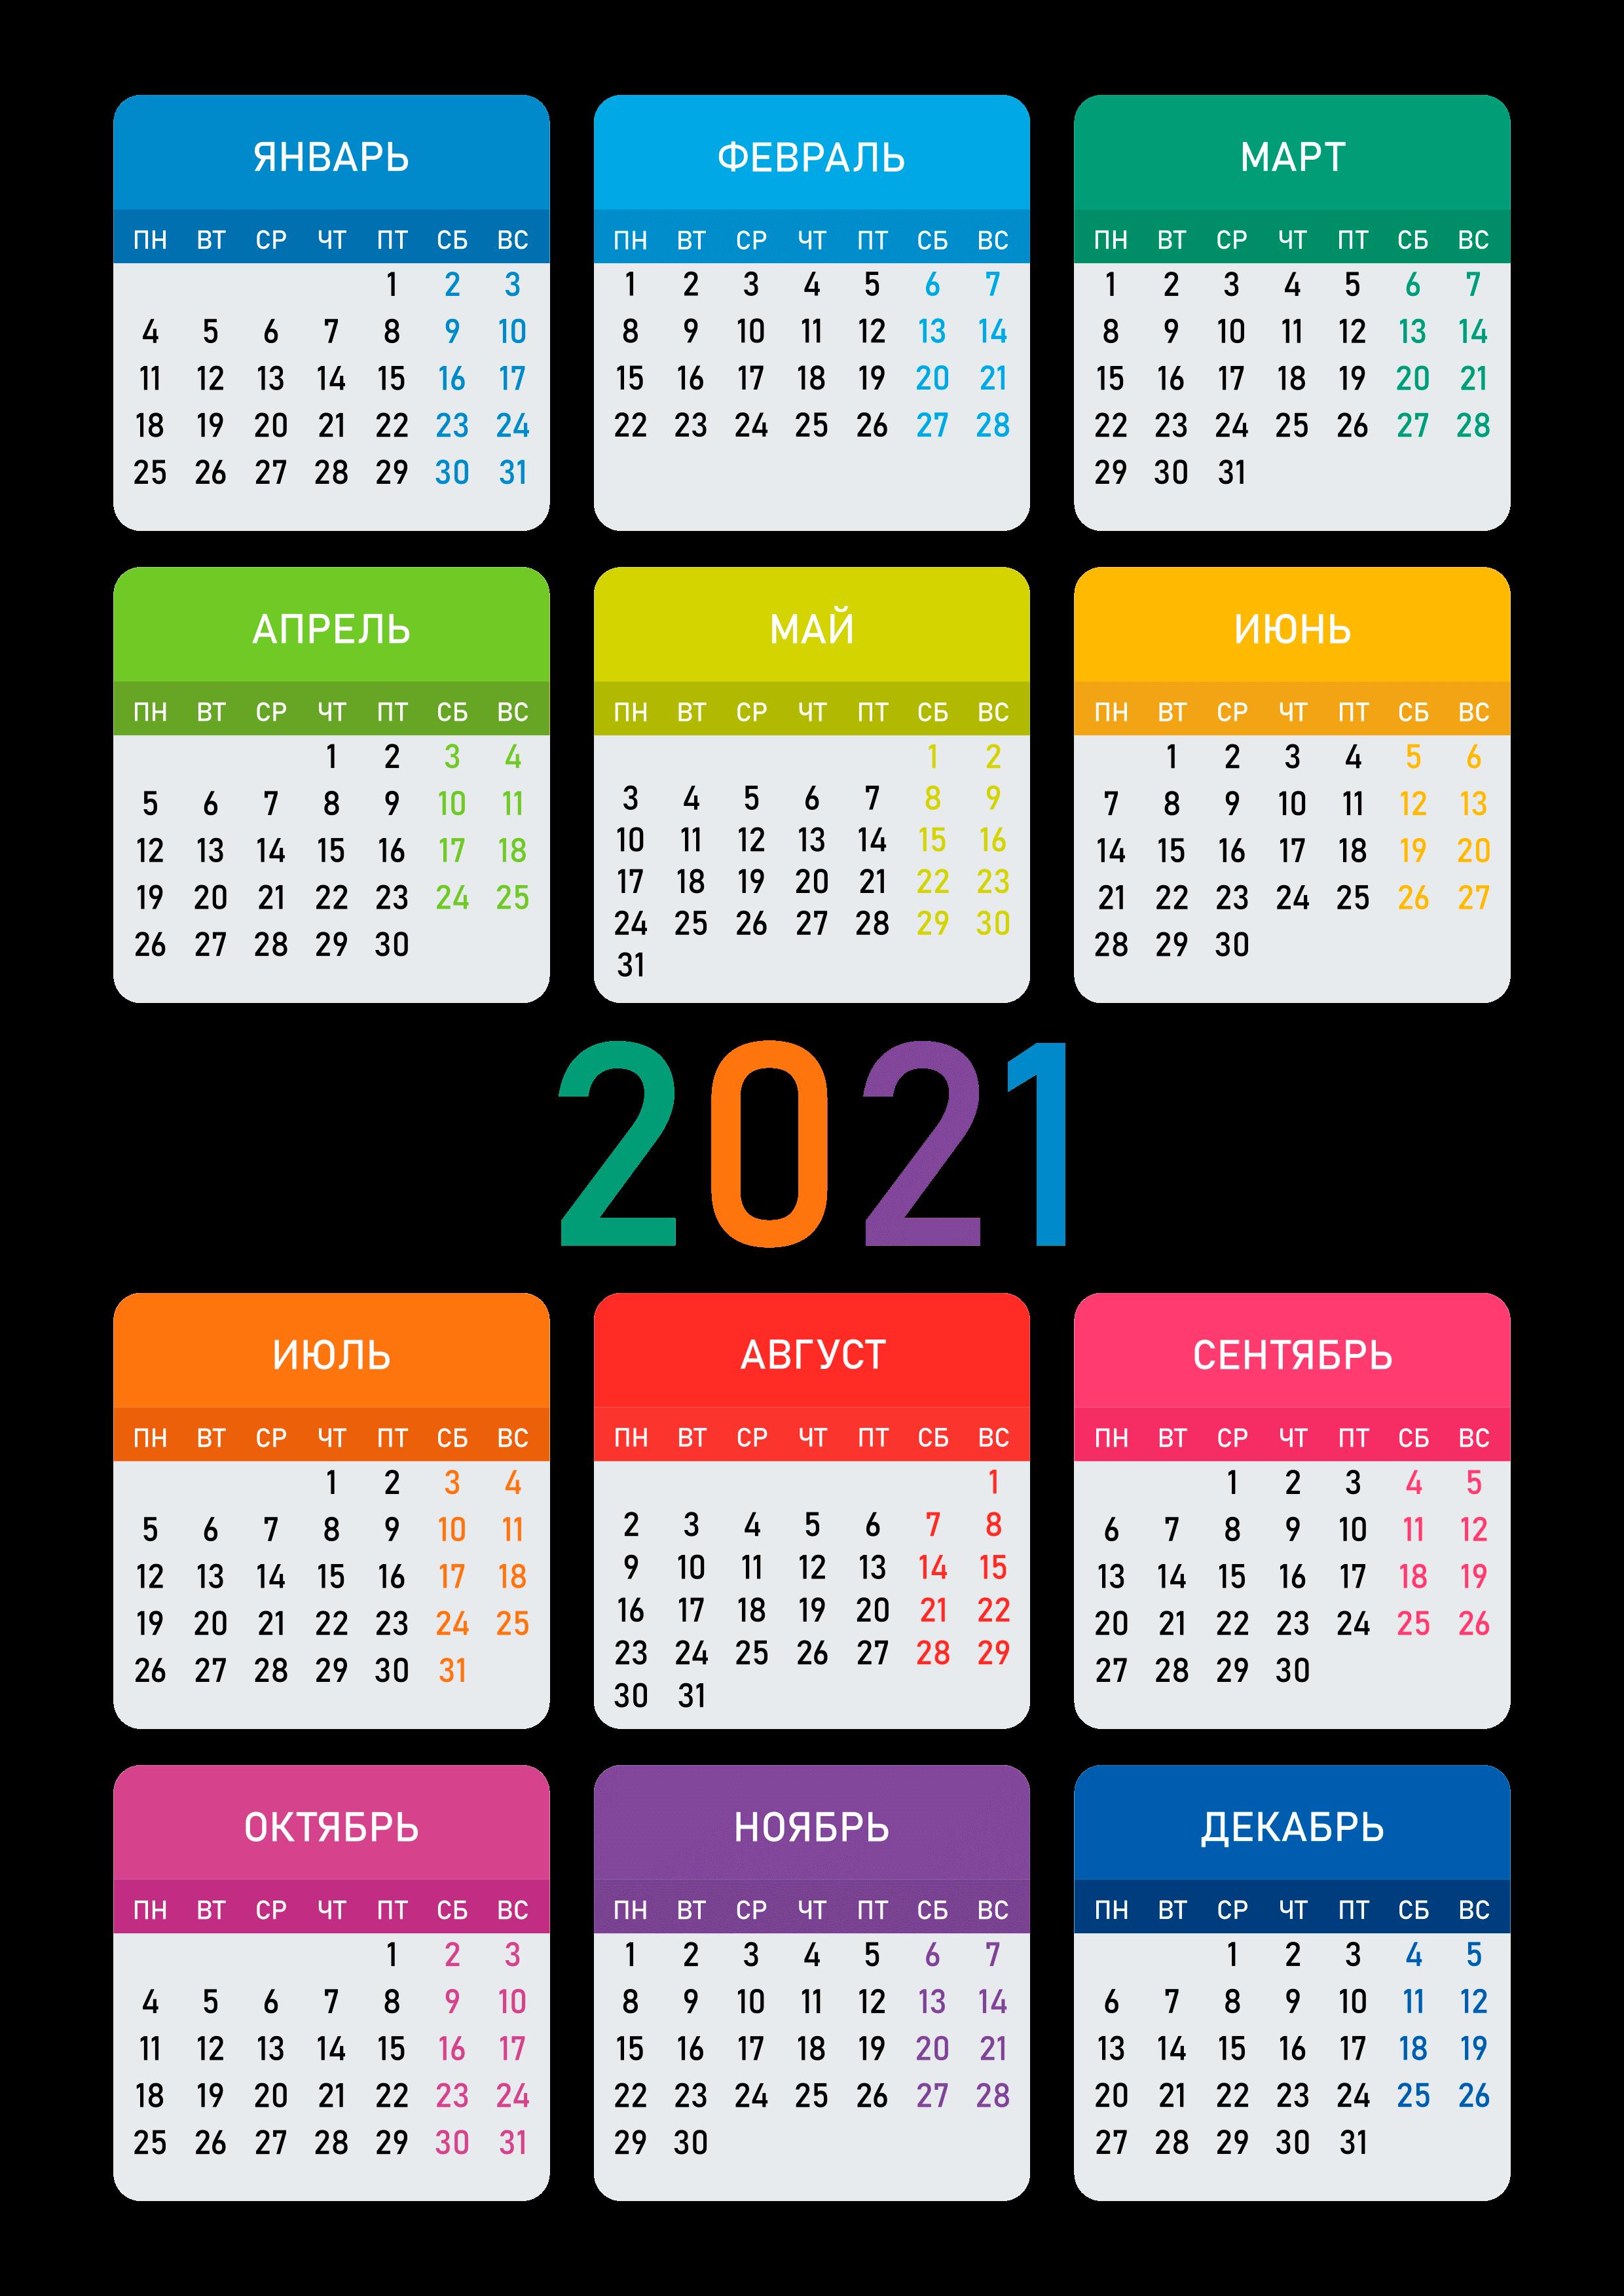 календарь 2021 красивый цветной вертикальный